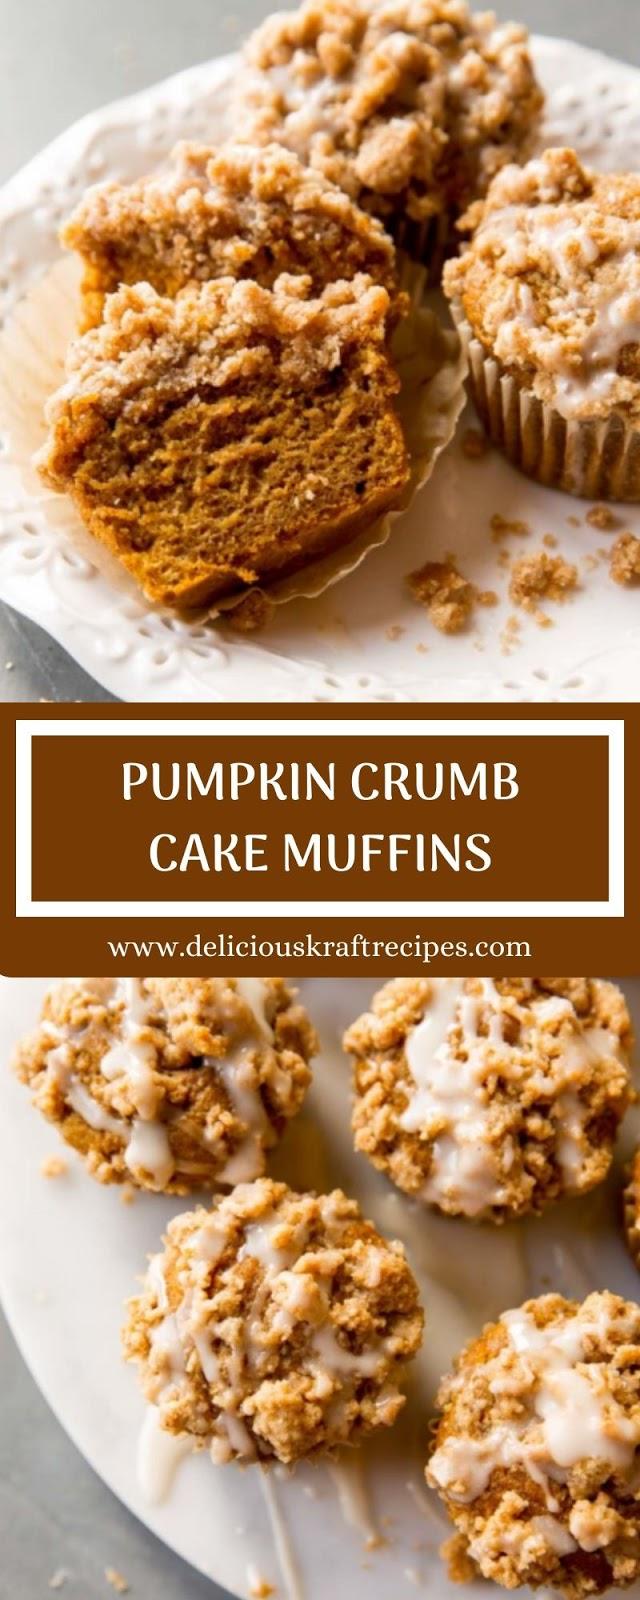 PUMPKIN CRUMB CAKE MUFFINS